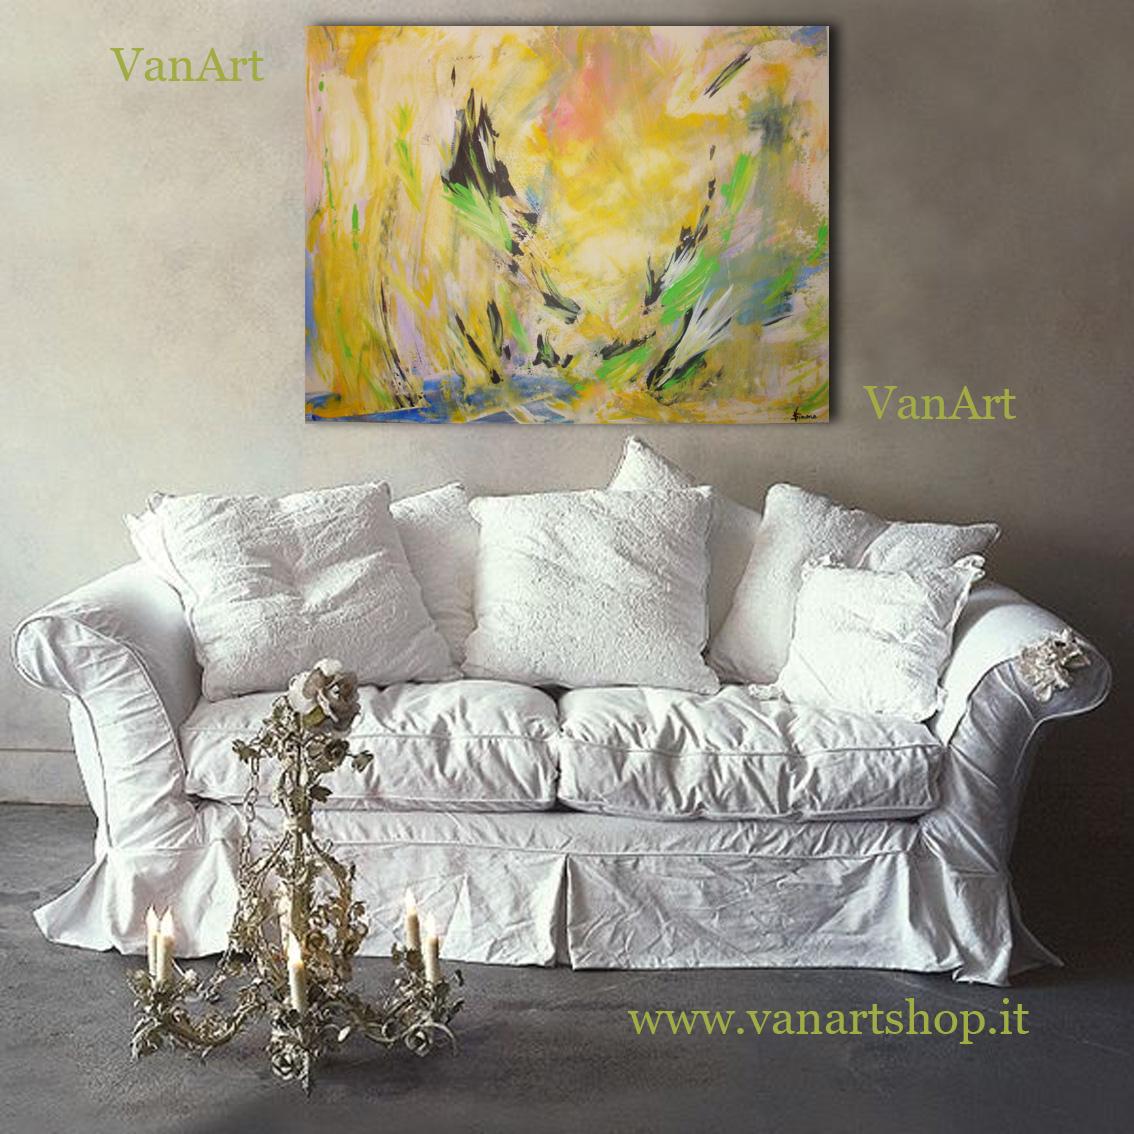 Dove comprare quadri online a buon prezzo scegli - Dove acquistare mobili a buon prezzo ...